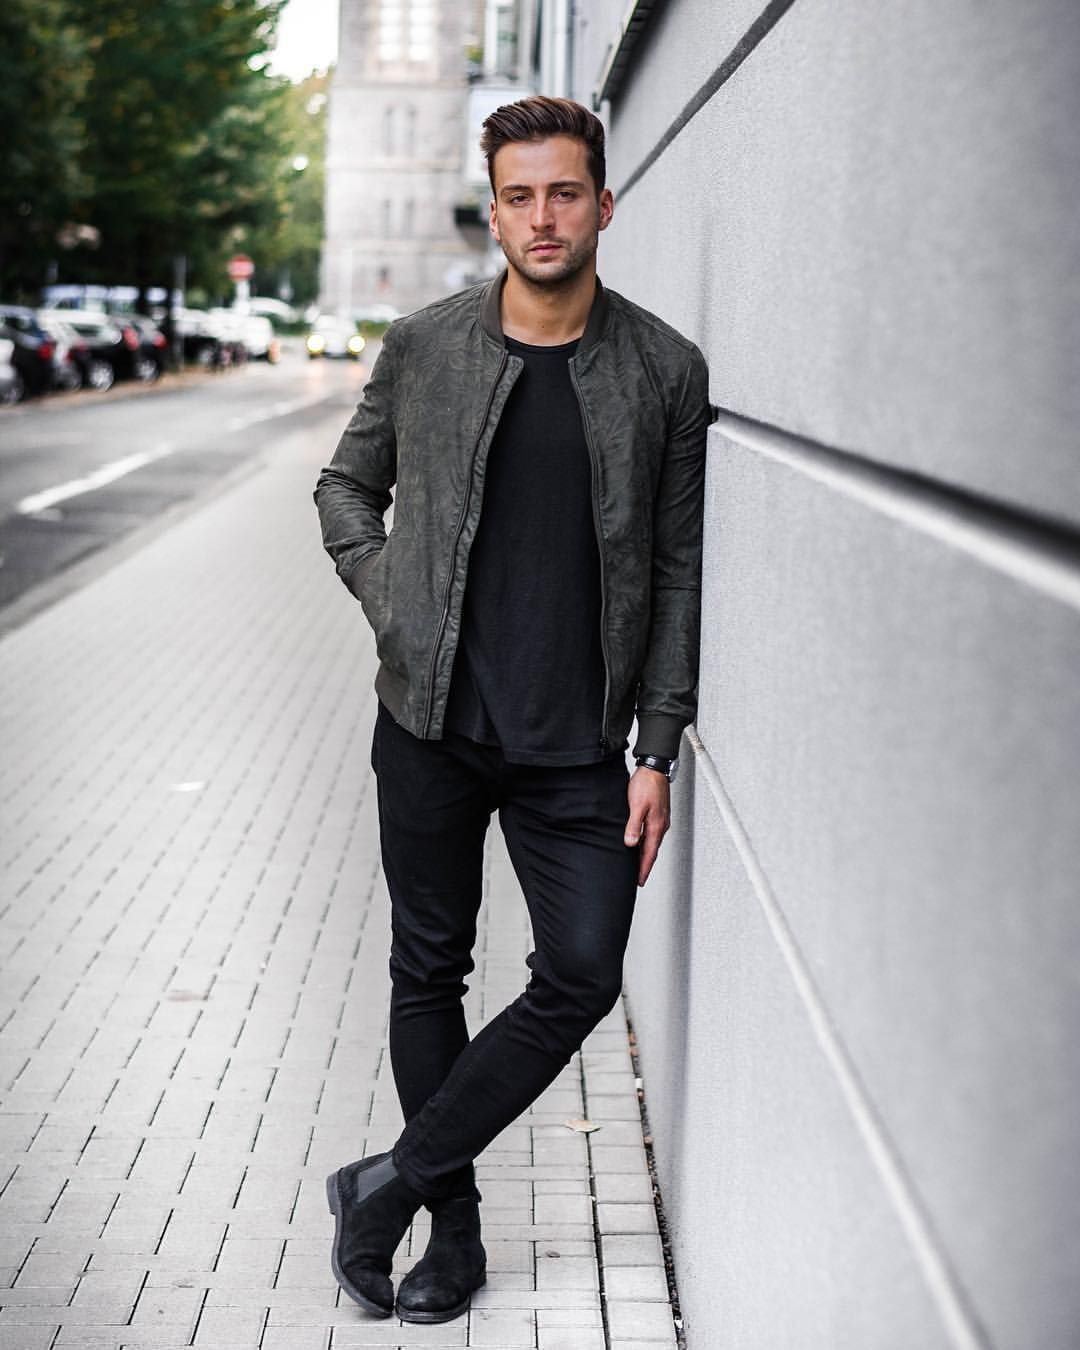 a6e5b79cd Estilo 2019 | Guardarropa en 2019 | Estilos de moda masculina, Ropa ...